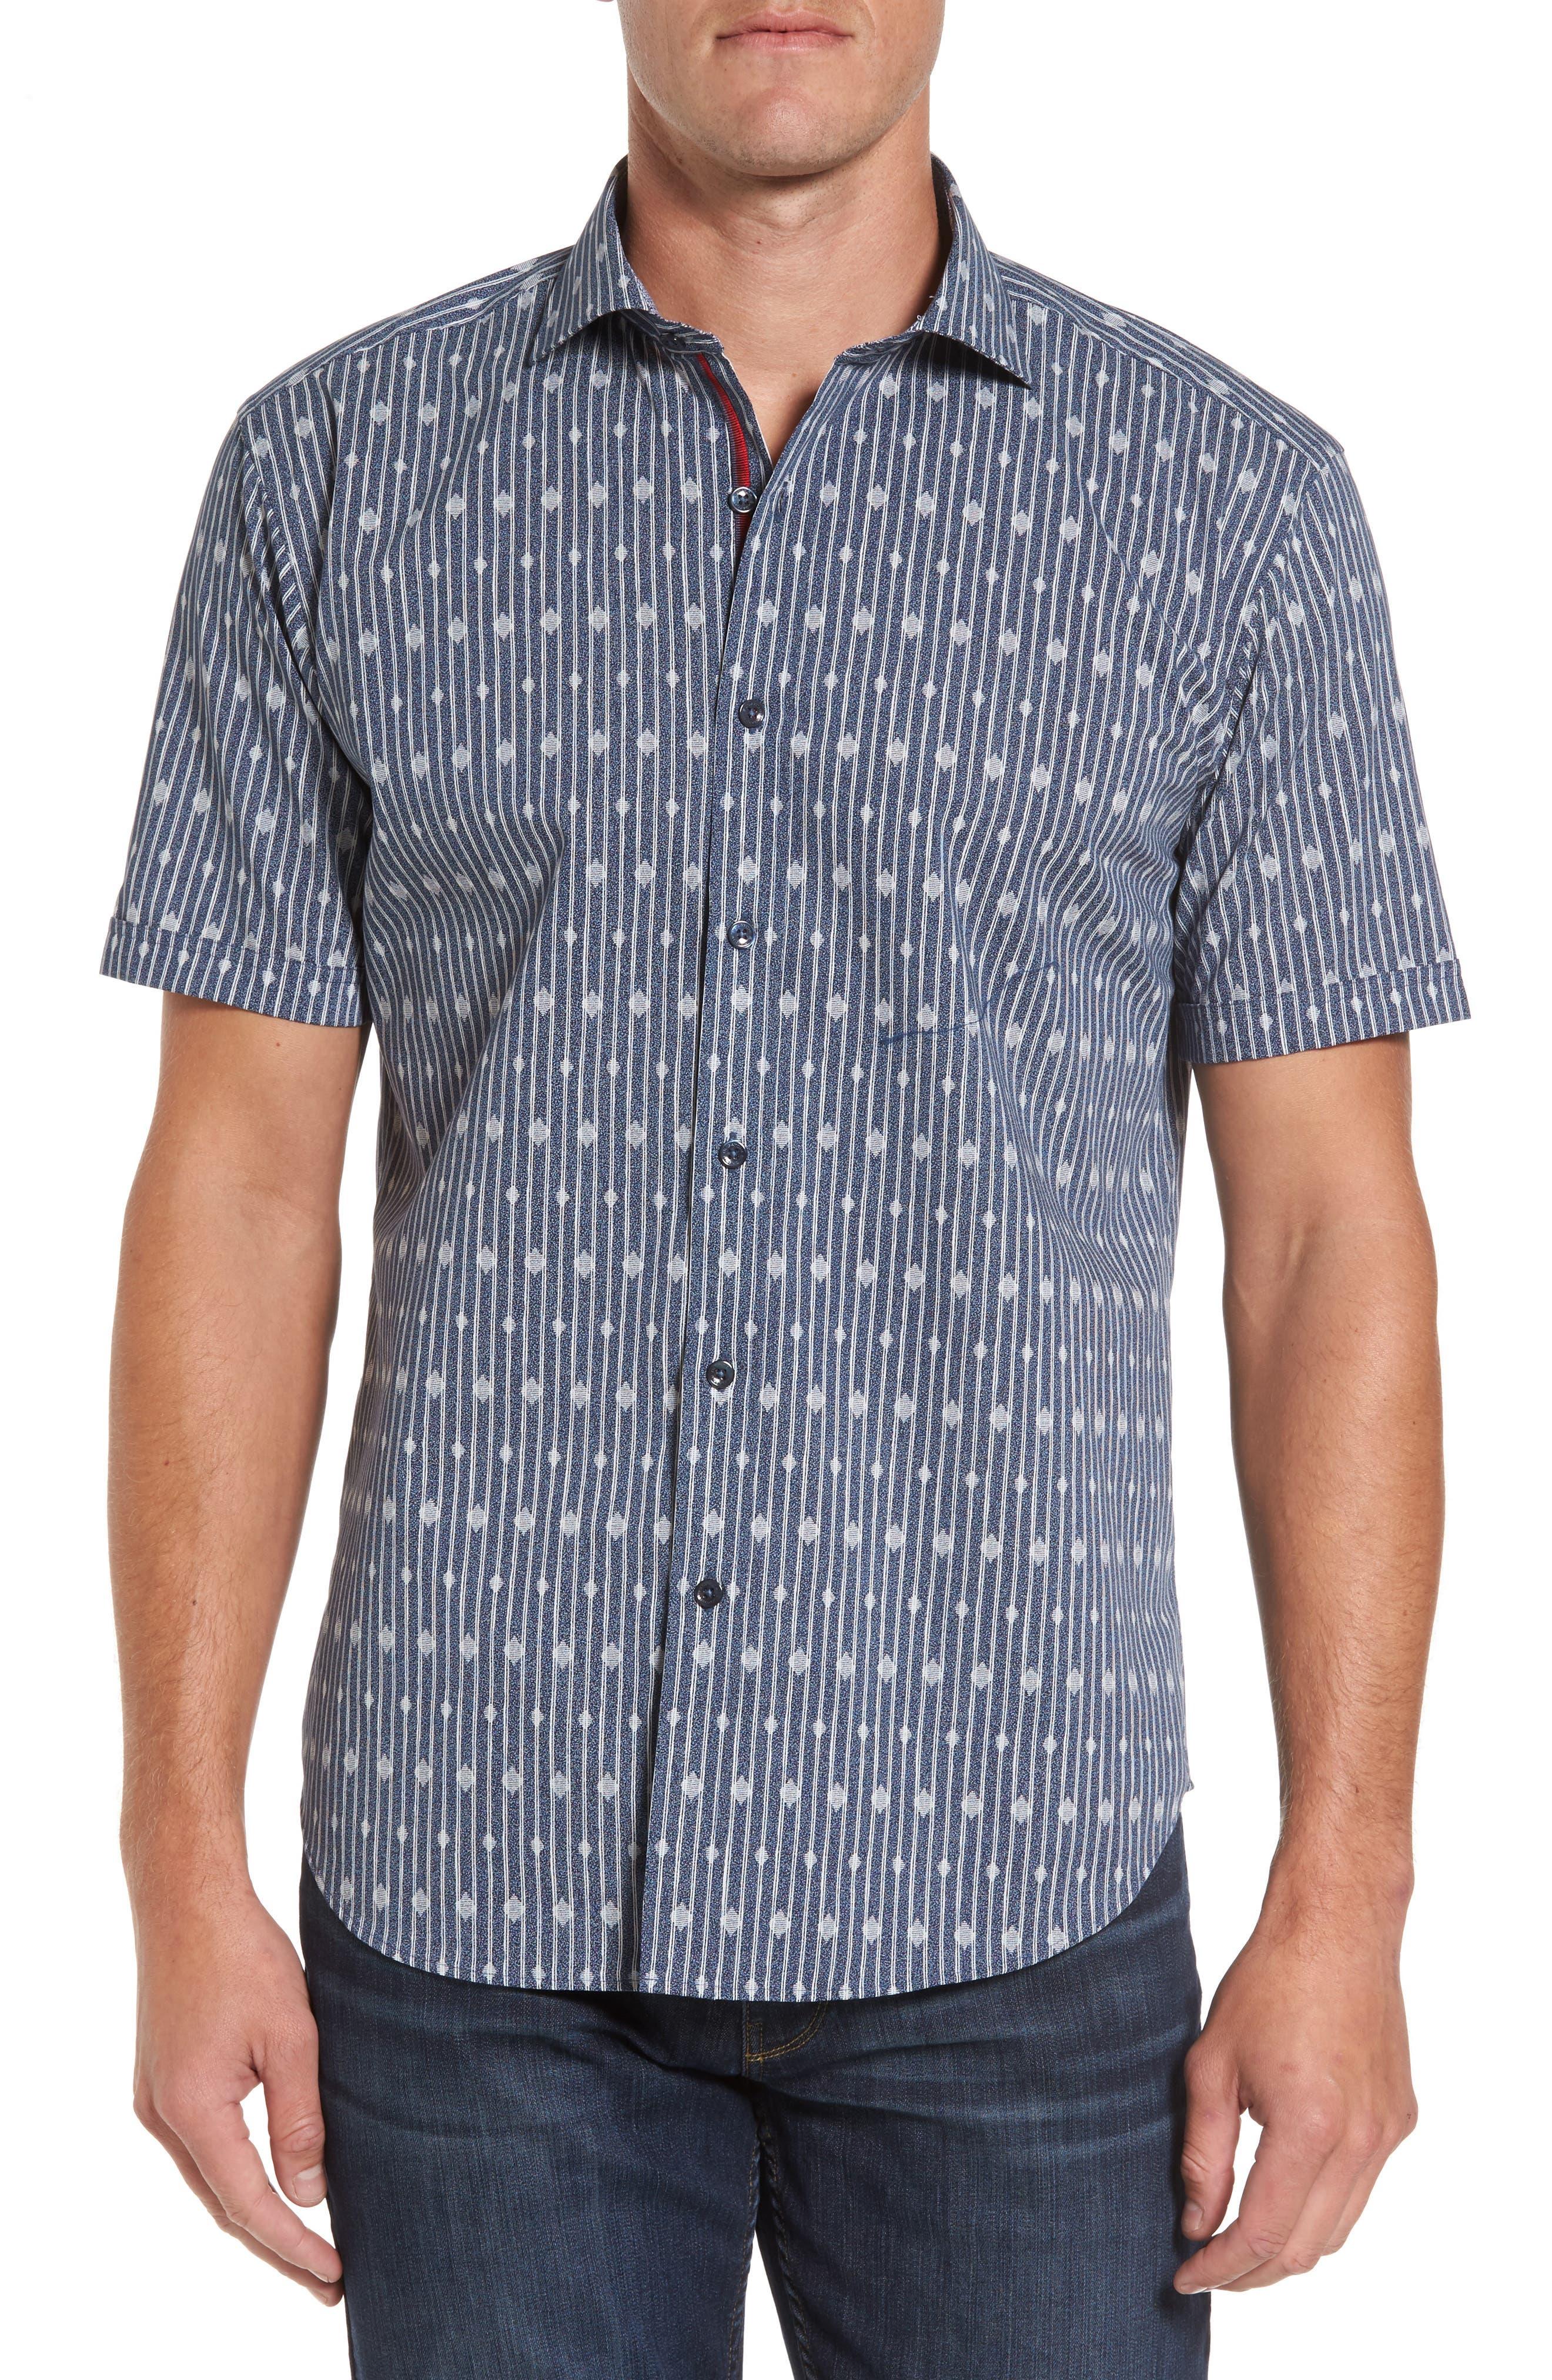 Main Image - Bugatchi Shaped Fit Diamond Stripe Print Sport Shirt